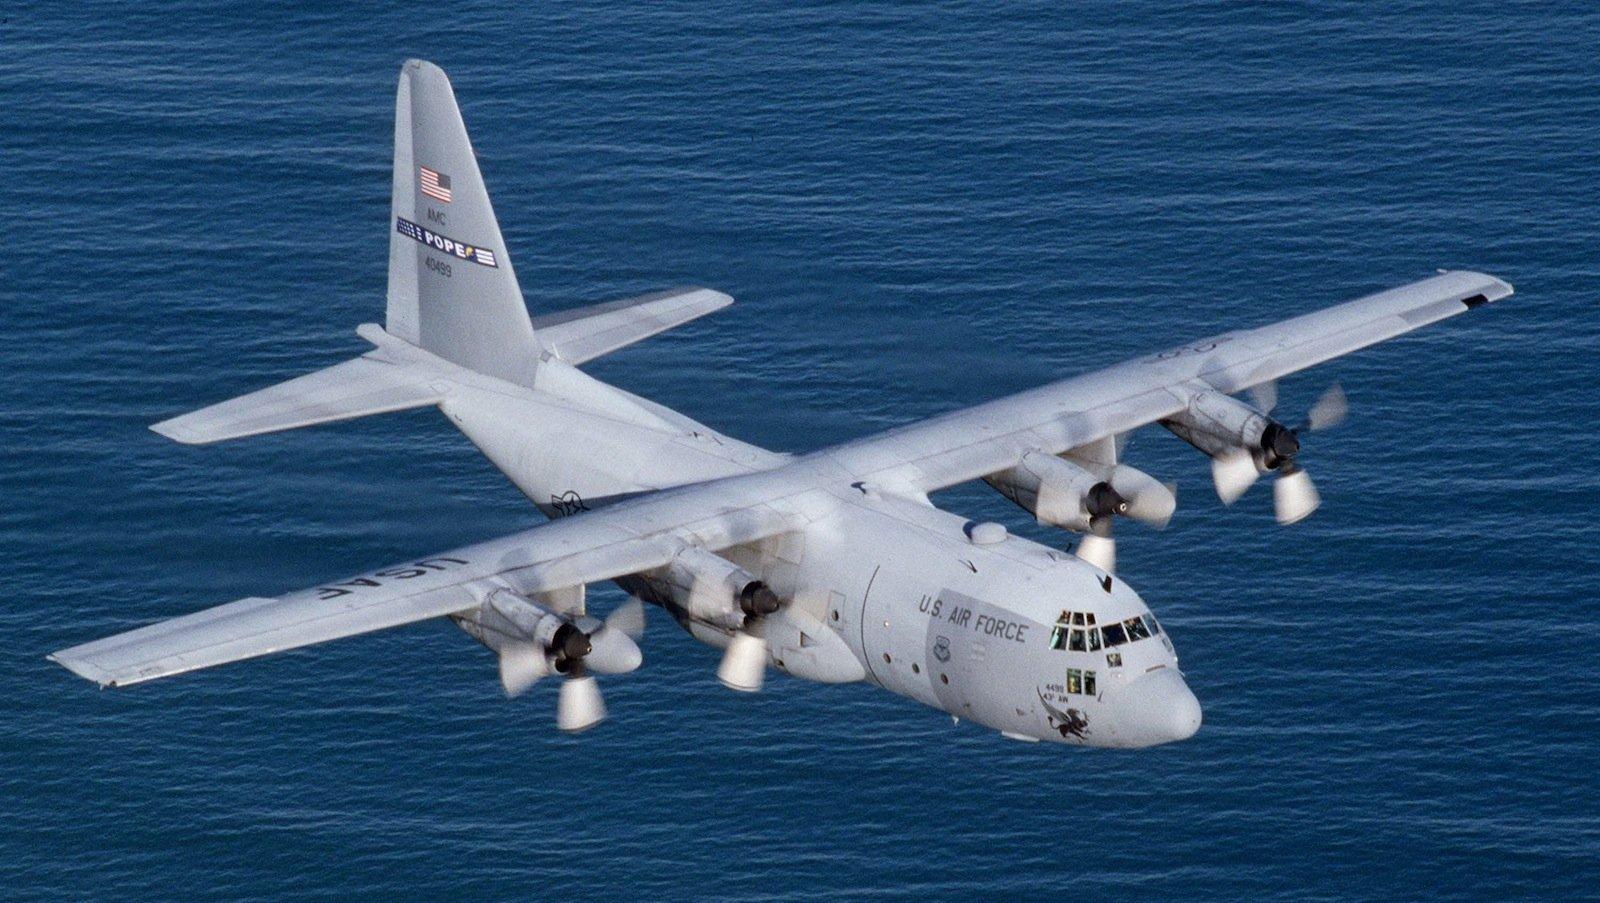 Die Lockheed C-130 Hercules zählt zu den vielseitigsten und am weitesten verbreiteten militärischen Transportflugzeugen. Sie wird seit 60 Jahren gebaut und wurde immer mal wieder weiterentwickelt. Damit problemlos kleinere Drohnen nach einem Angriff wieder in dem Transporter landen können, wird jetzt wieder an einer Lösung für diese spezielle Aufgabe getüftet.